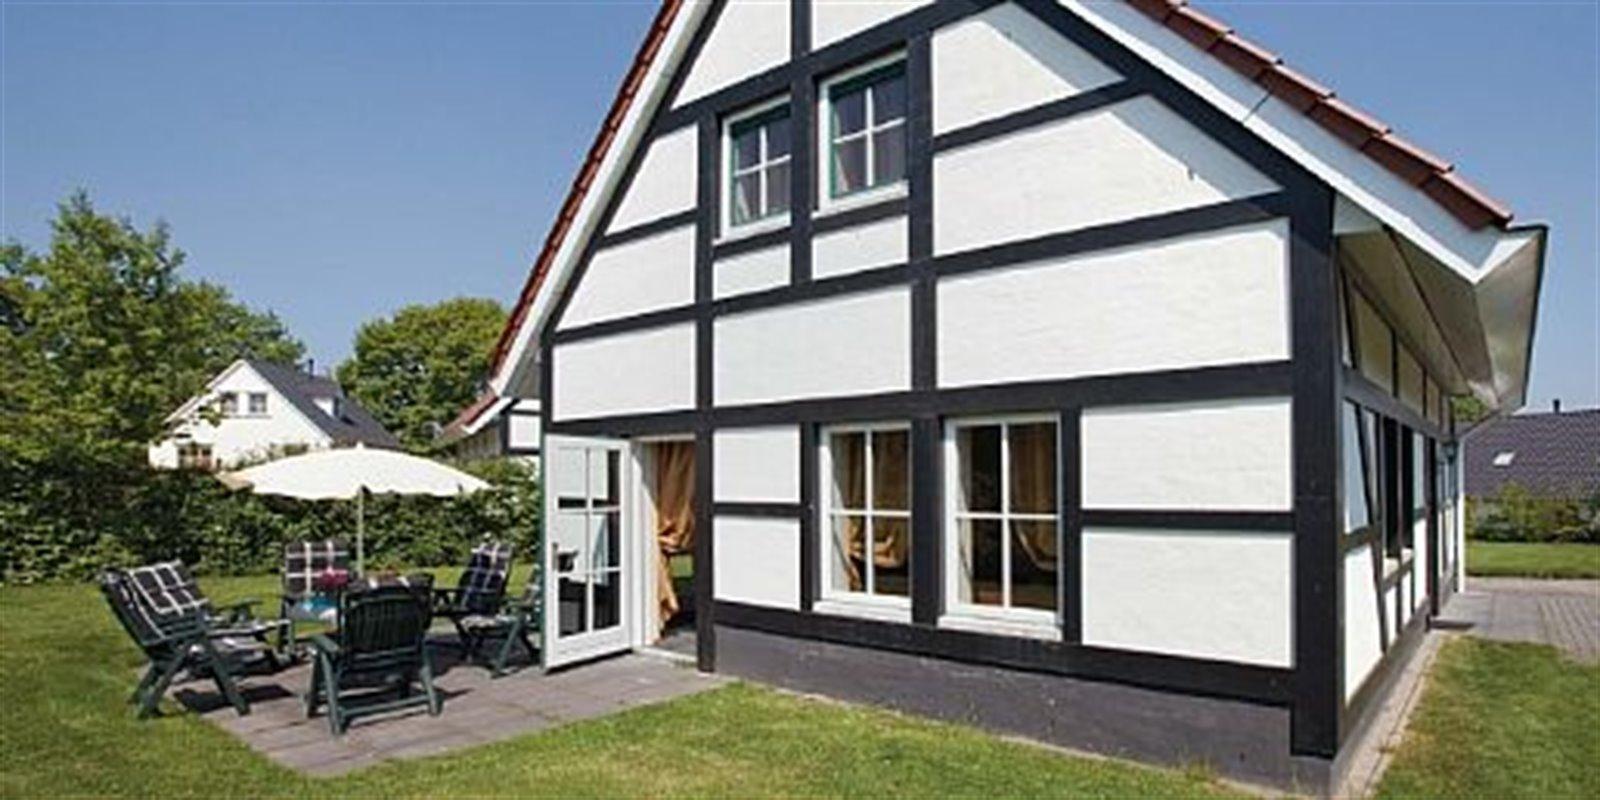 Landal De Cauberg | 6-Pers.-Ferienhaus - Luxus ...